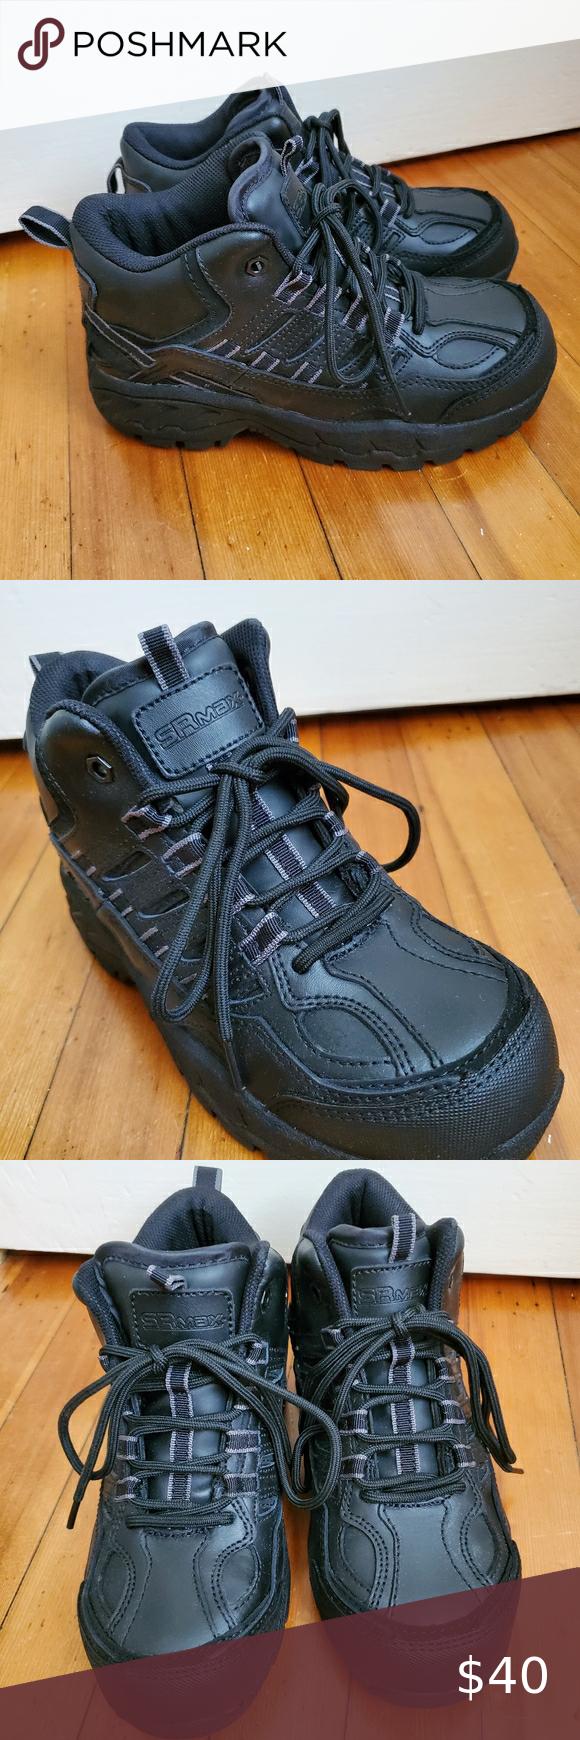 SR Max steel toe shoes in 2020 | Steel